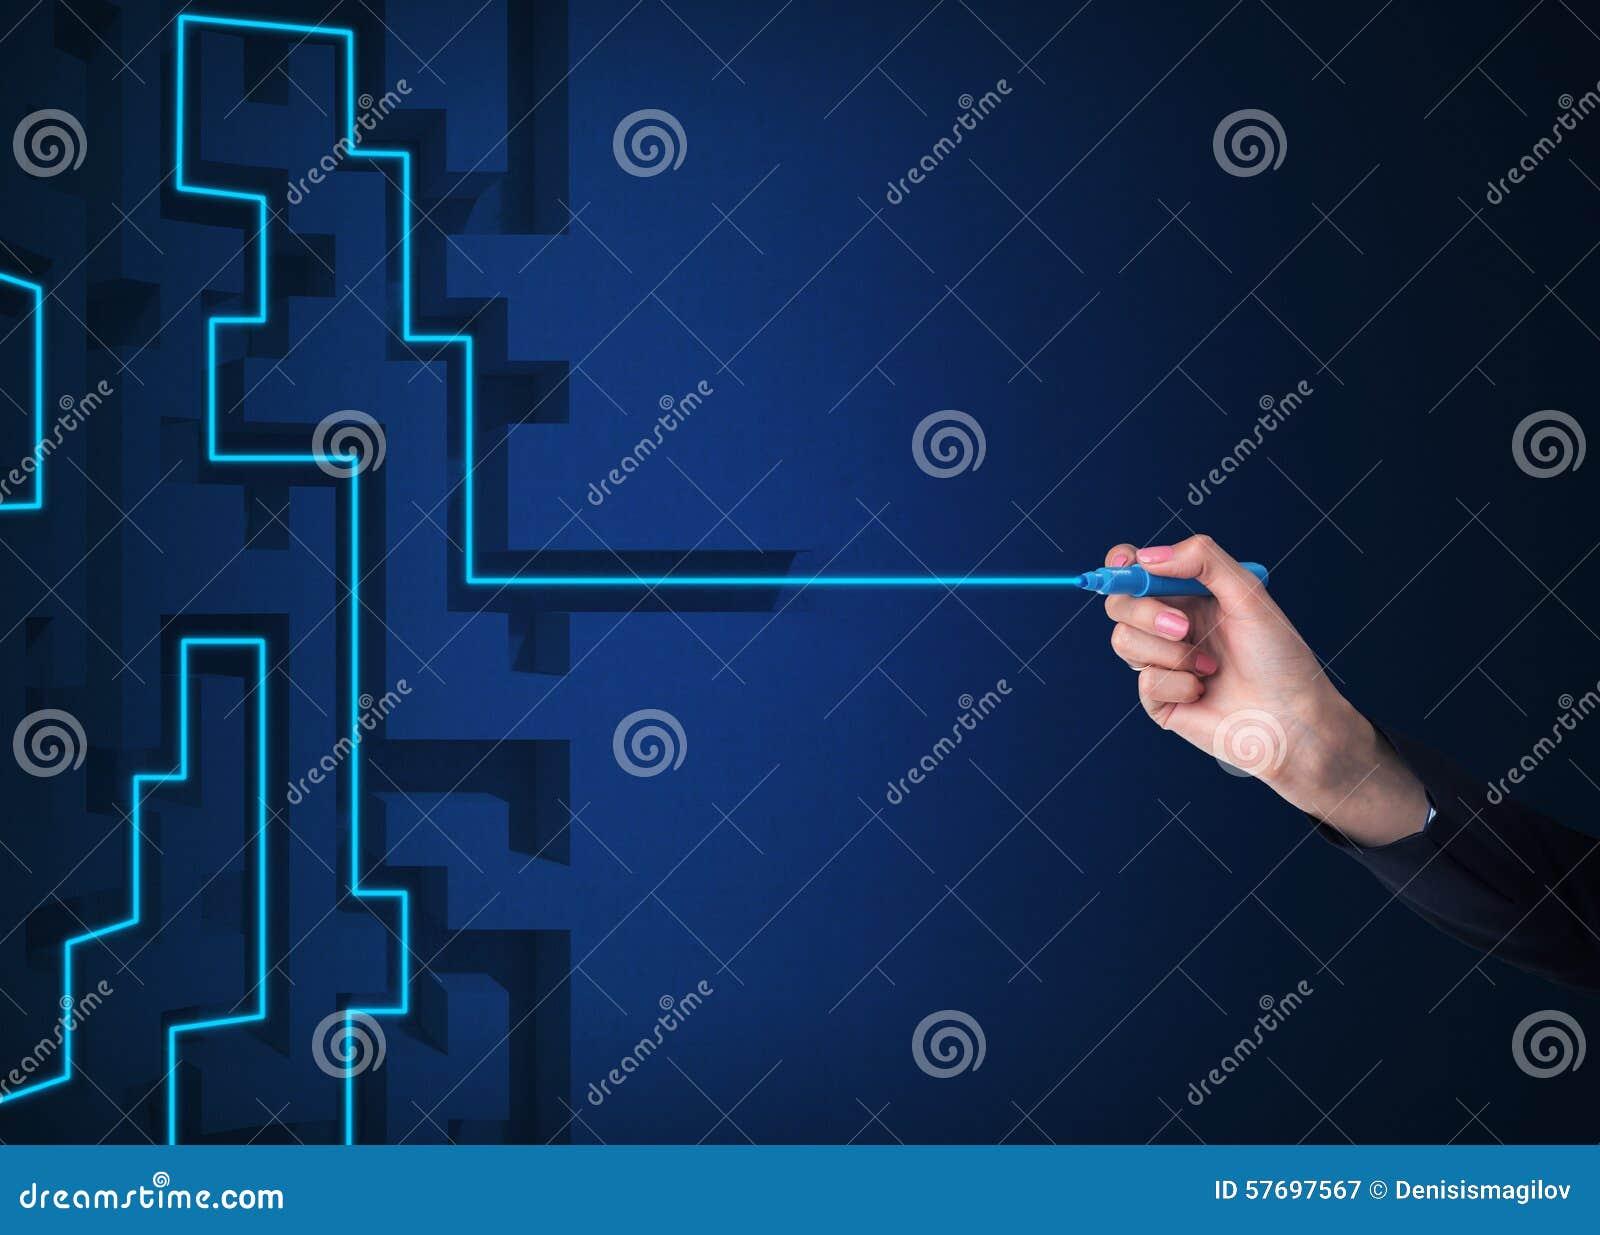 Une main trace une ligne comme solution de labyrinthe